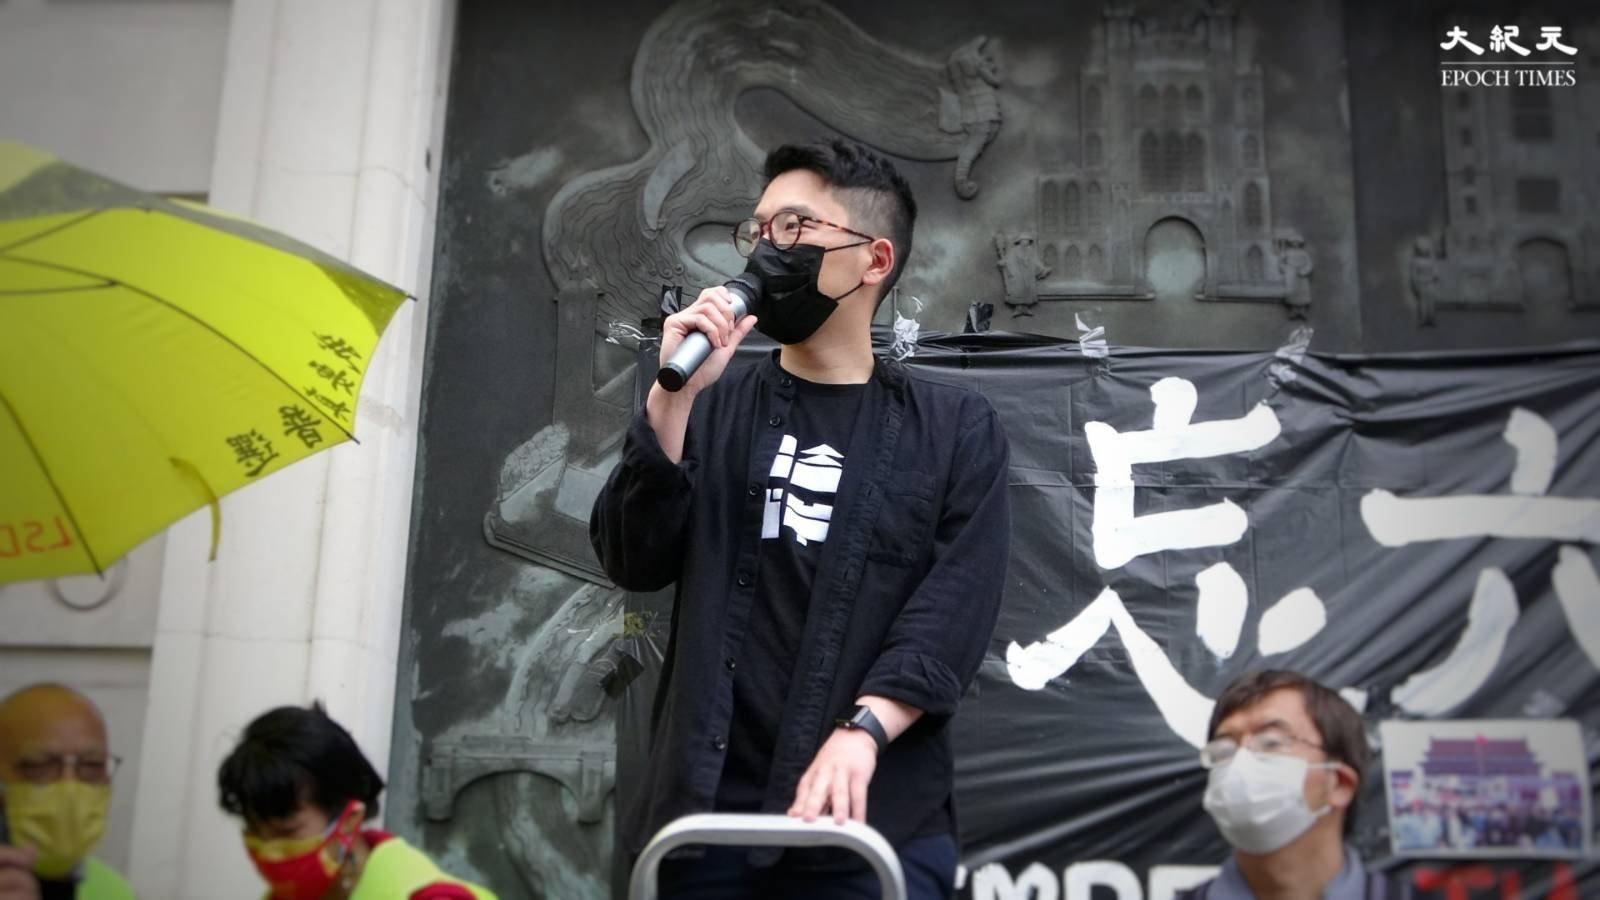 已獲得英國政治庇護的羅冠聰出席集會並上台發言。(文苳晴/大紀元)